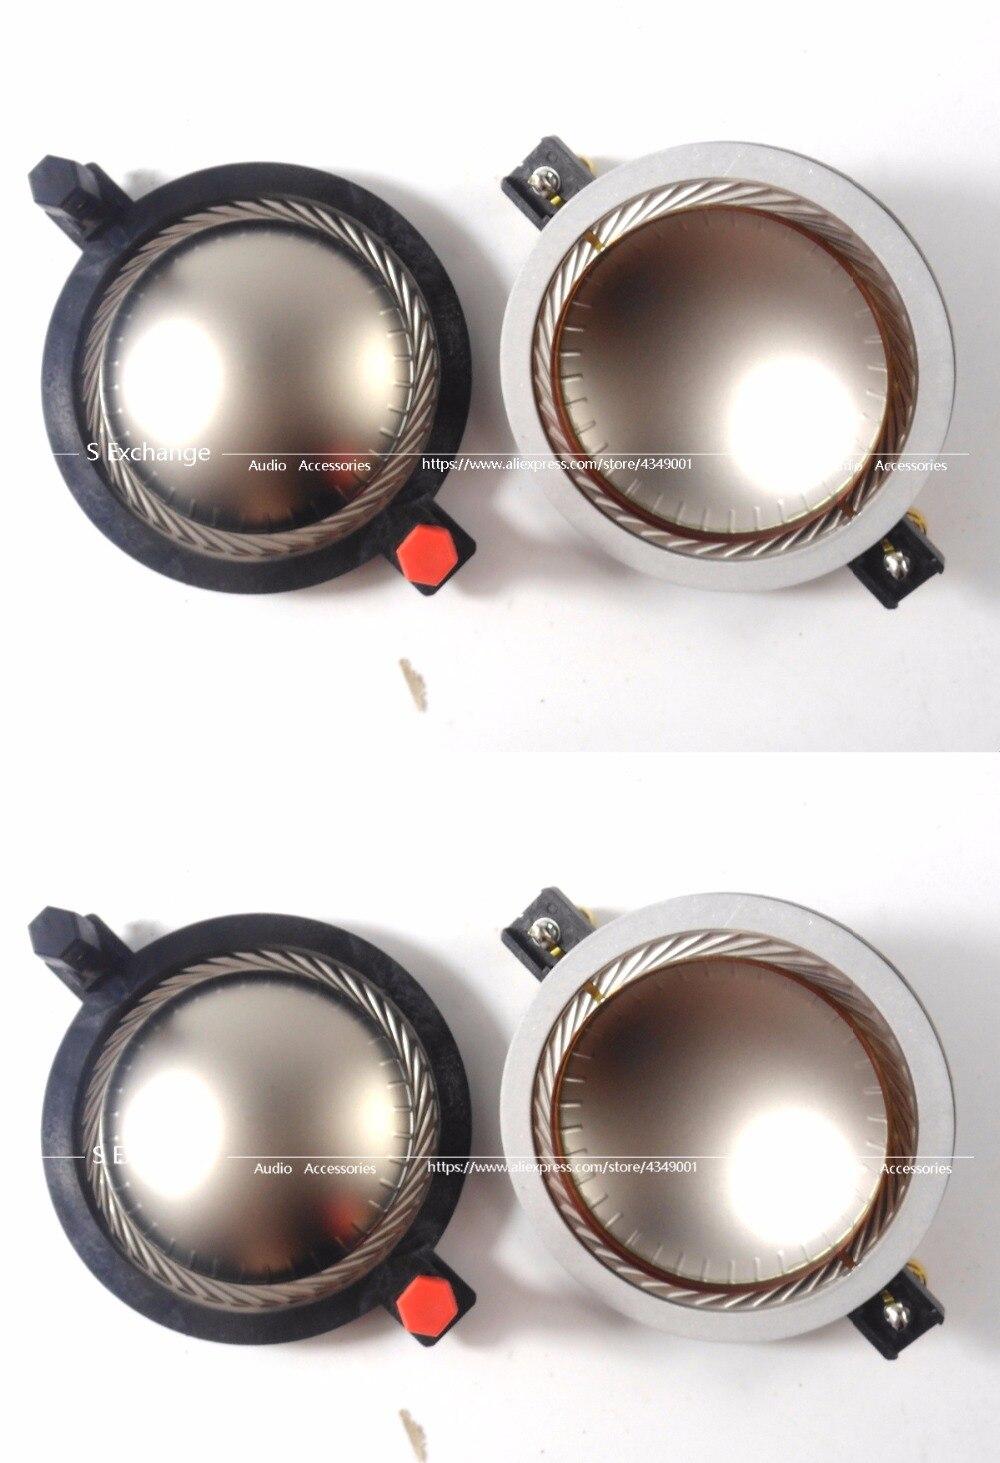 4PCS Replacement Diaphragm 64 8mm For B C DE600 DE610 DE620 8 Ohm D BCMMD600 8